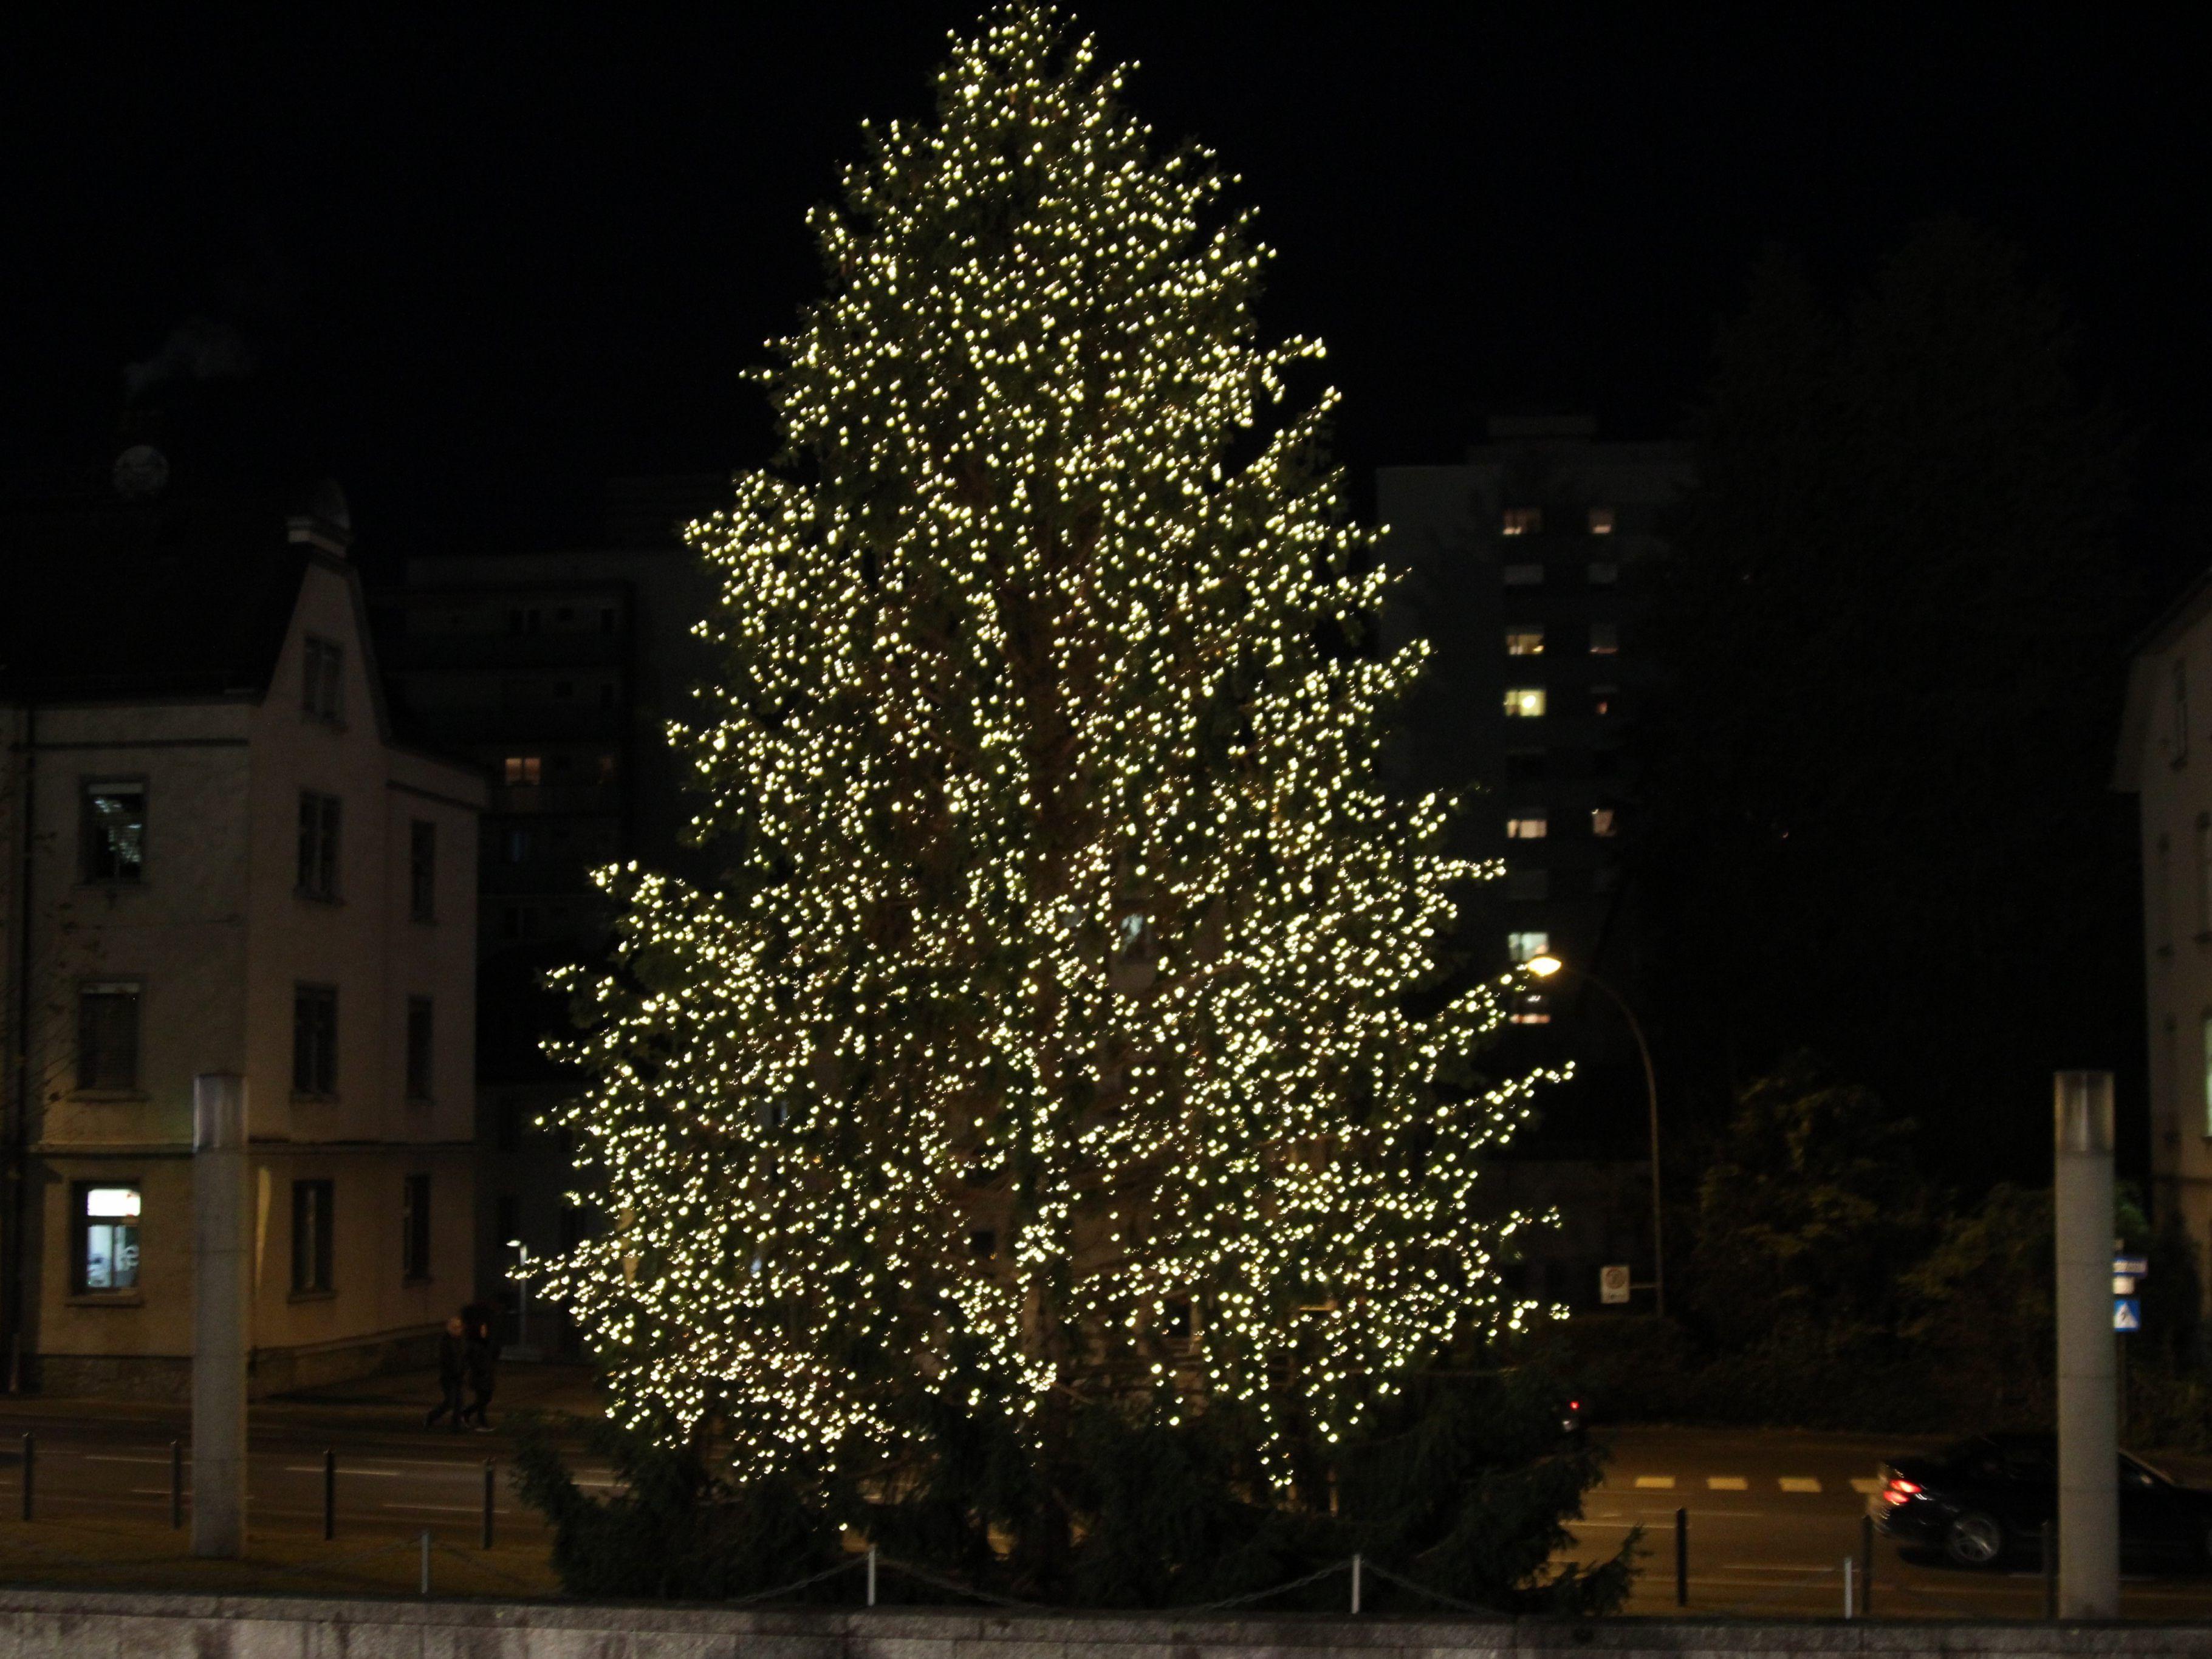 Ursprung Weihnachtsbaum.Ursprung Von Weihnachtstraditionen Warum Weihnachtsbaum Aufstellen